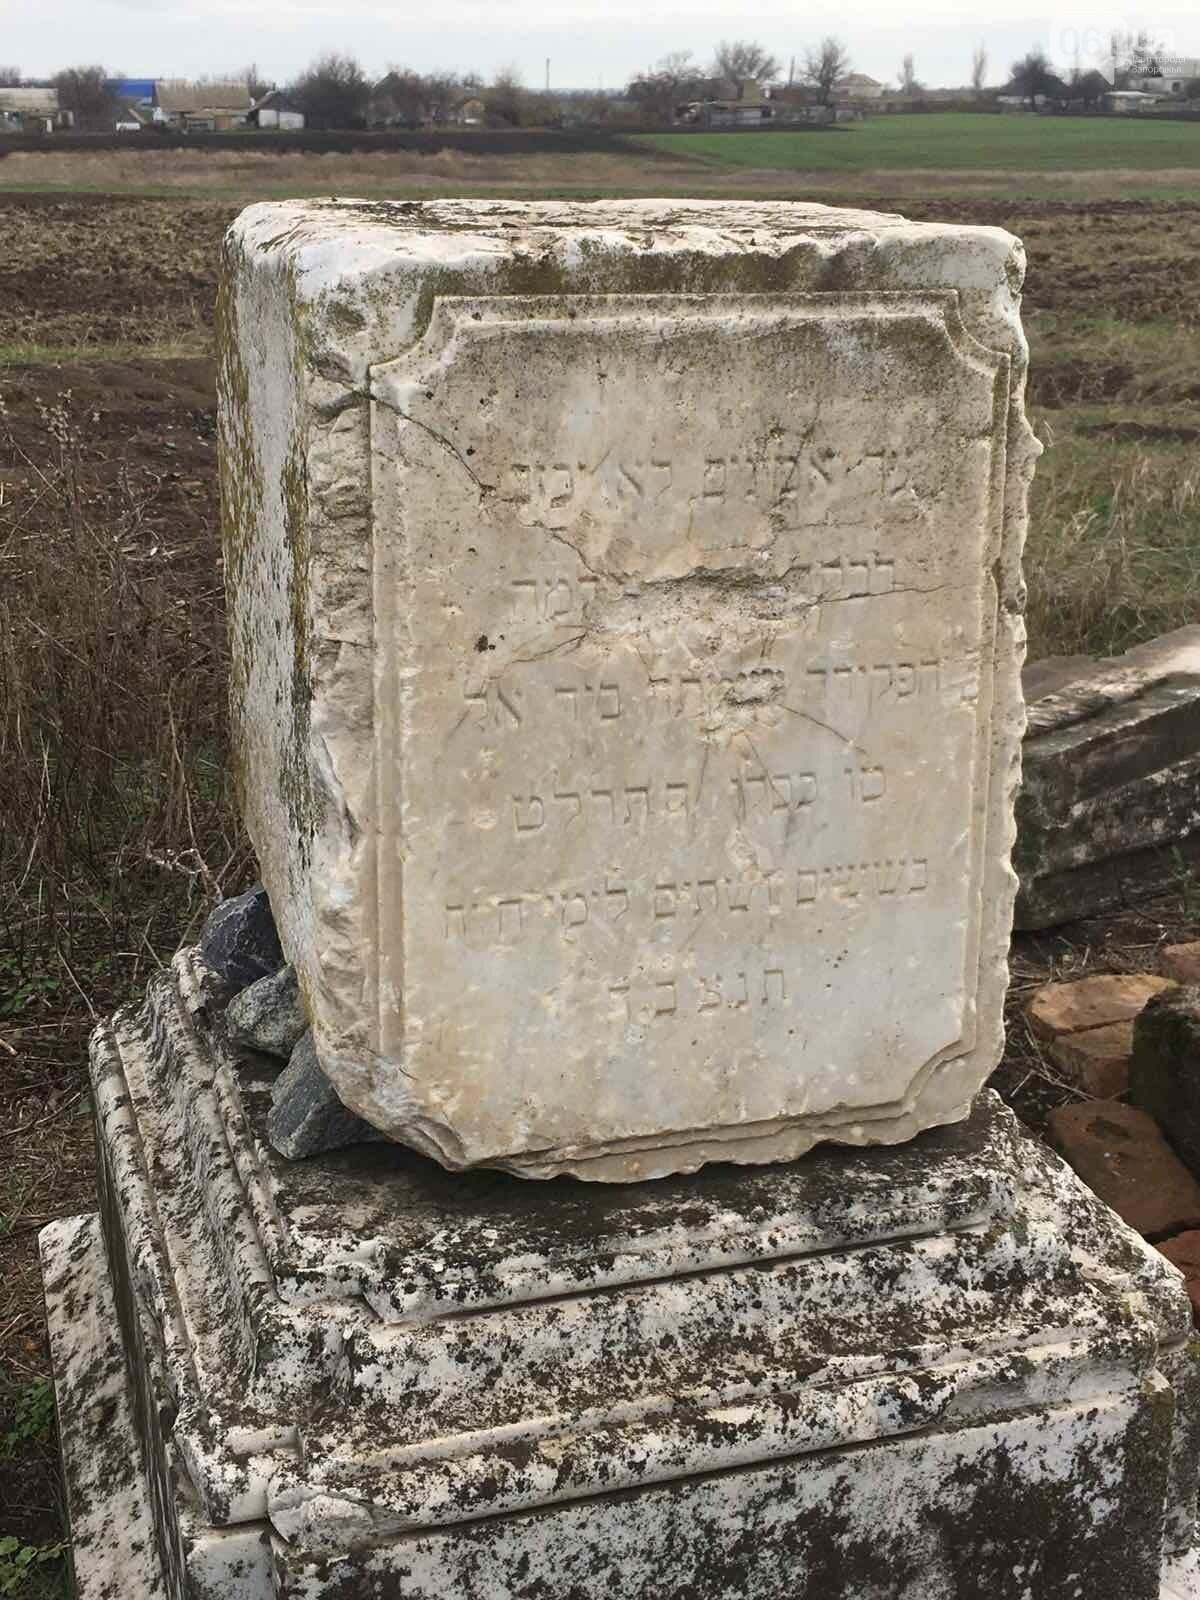 Урожай на костях: в Гуляйполе фермер распахал еврейское кладбище, - ФОТО, фото-10